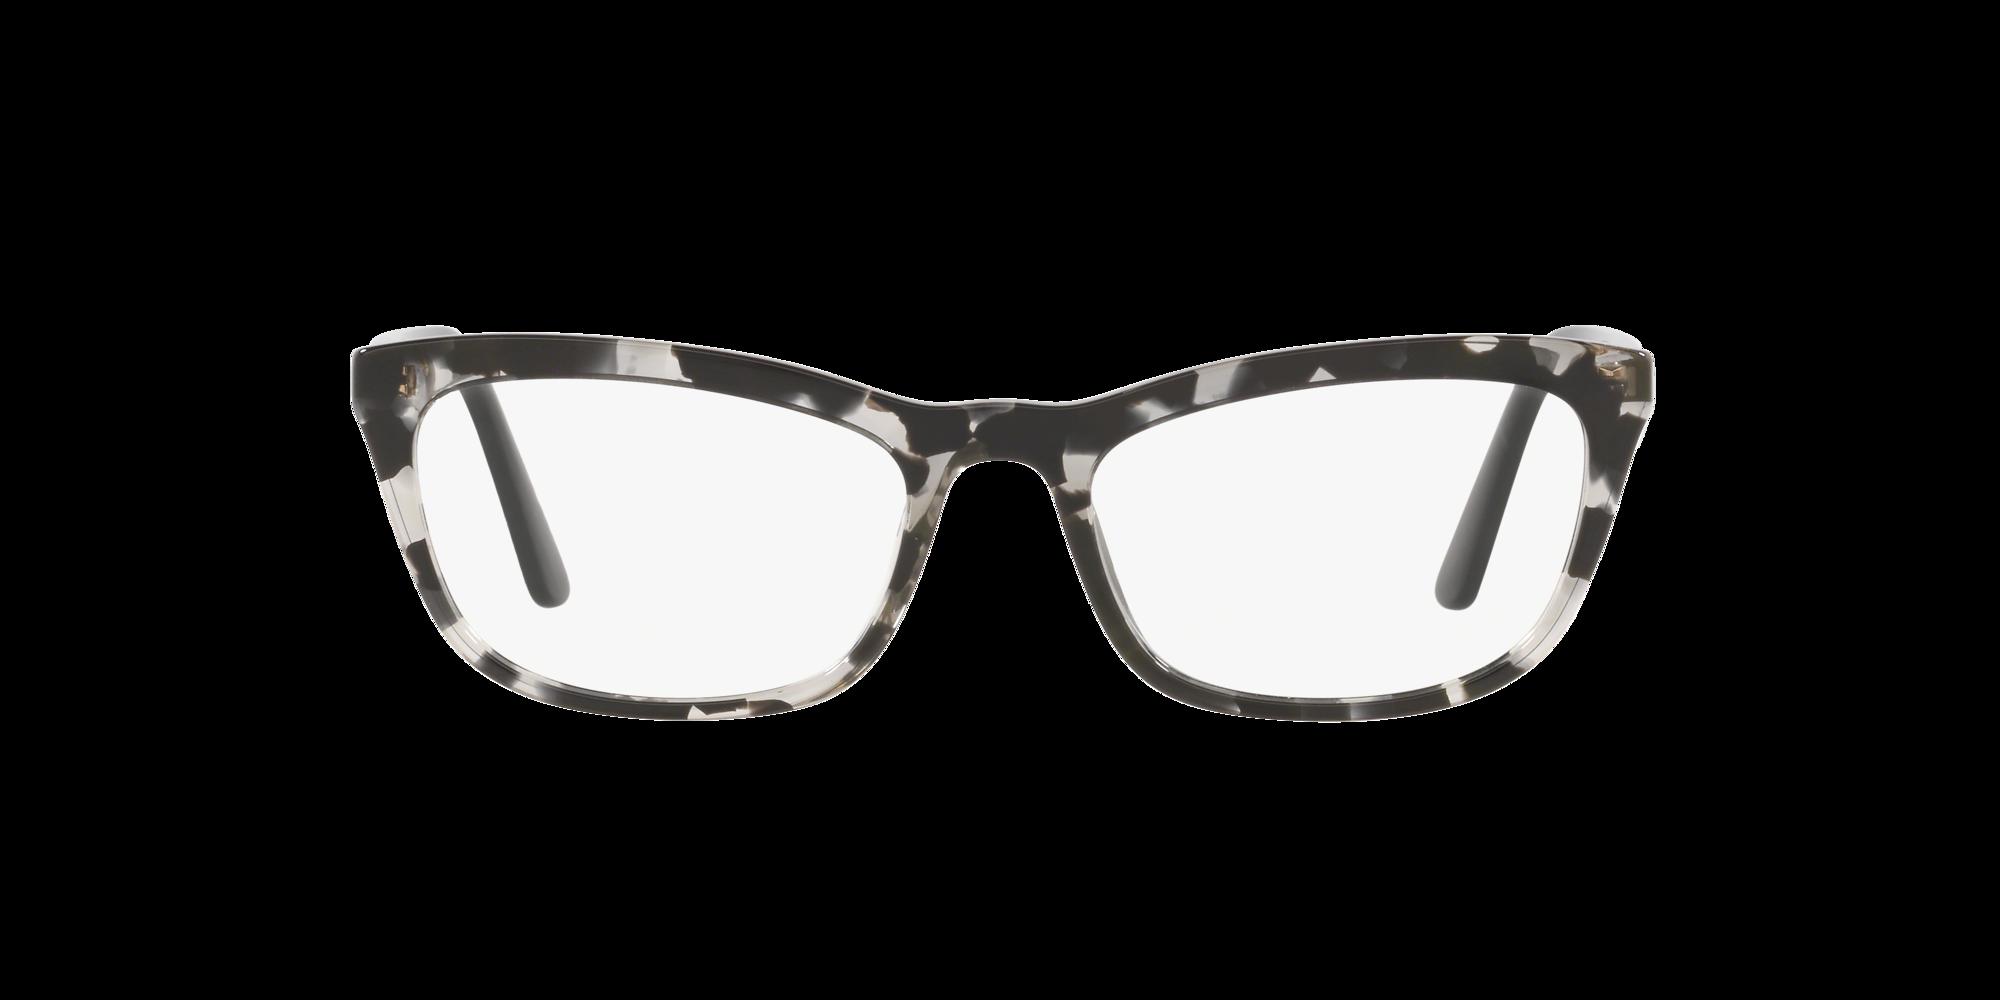 Image for PR 10VV CATWALK from LensCrafters | Glasses, Prescription Glasses Online, Eyewear